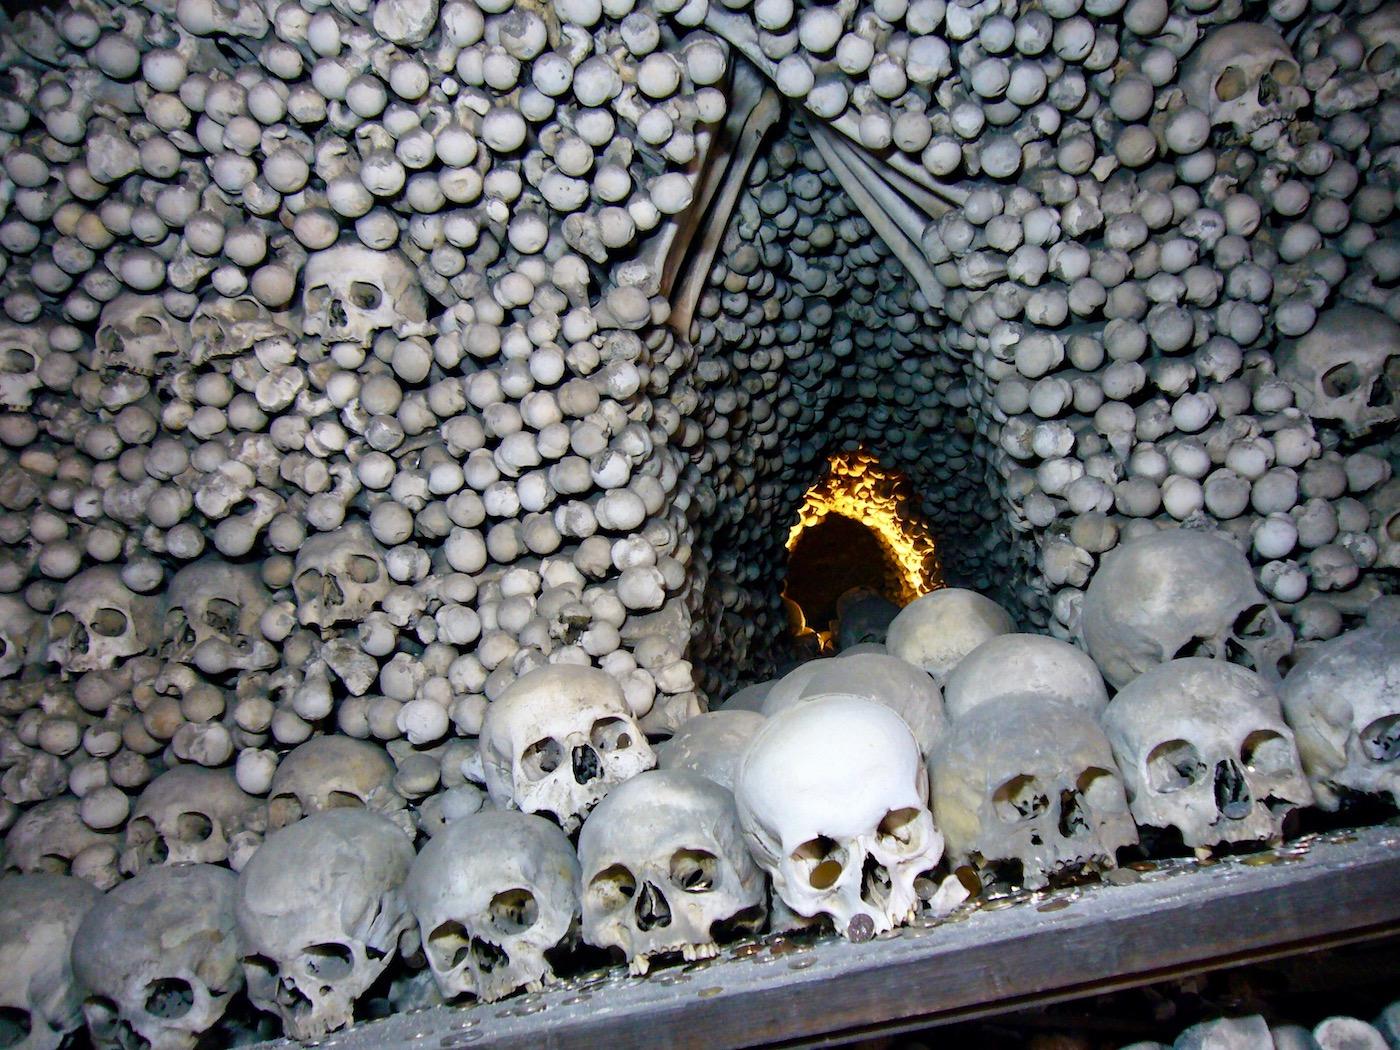 mark_benecke_kutna_hora_sedlec_prag_prague_ossuary_ossuarium - 127.jpg